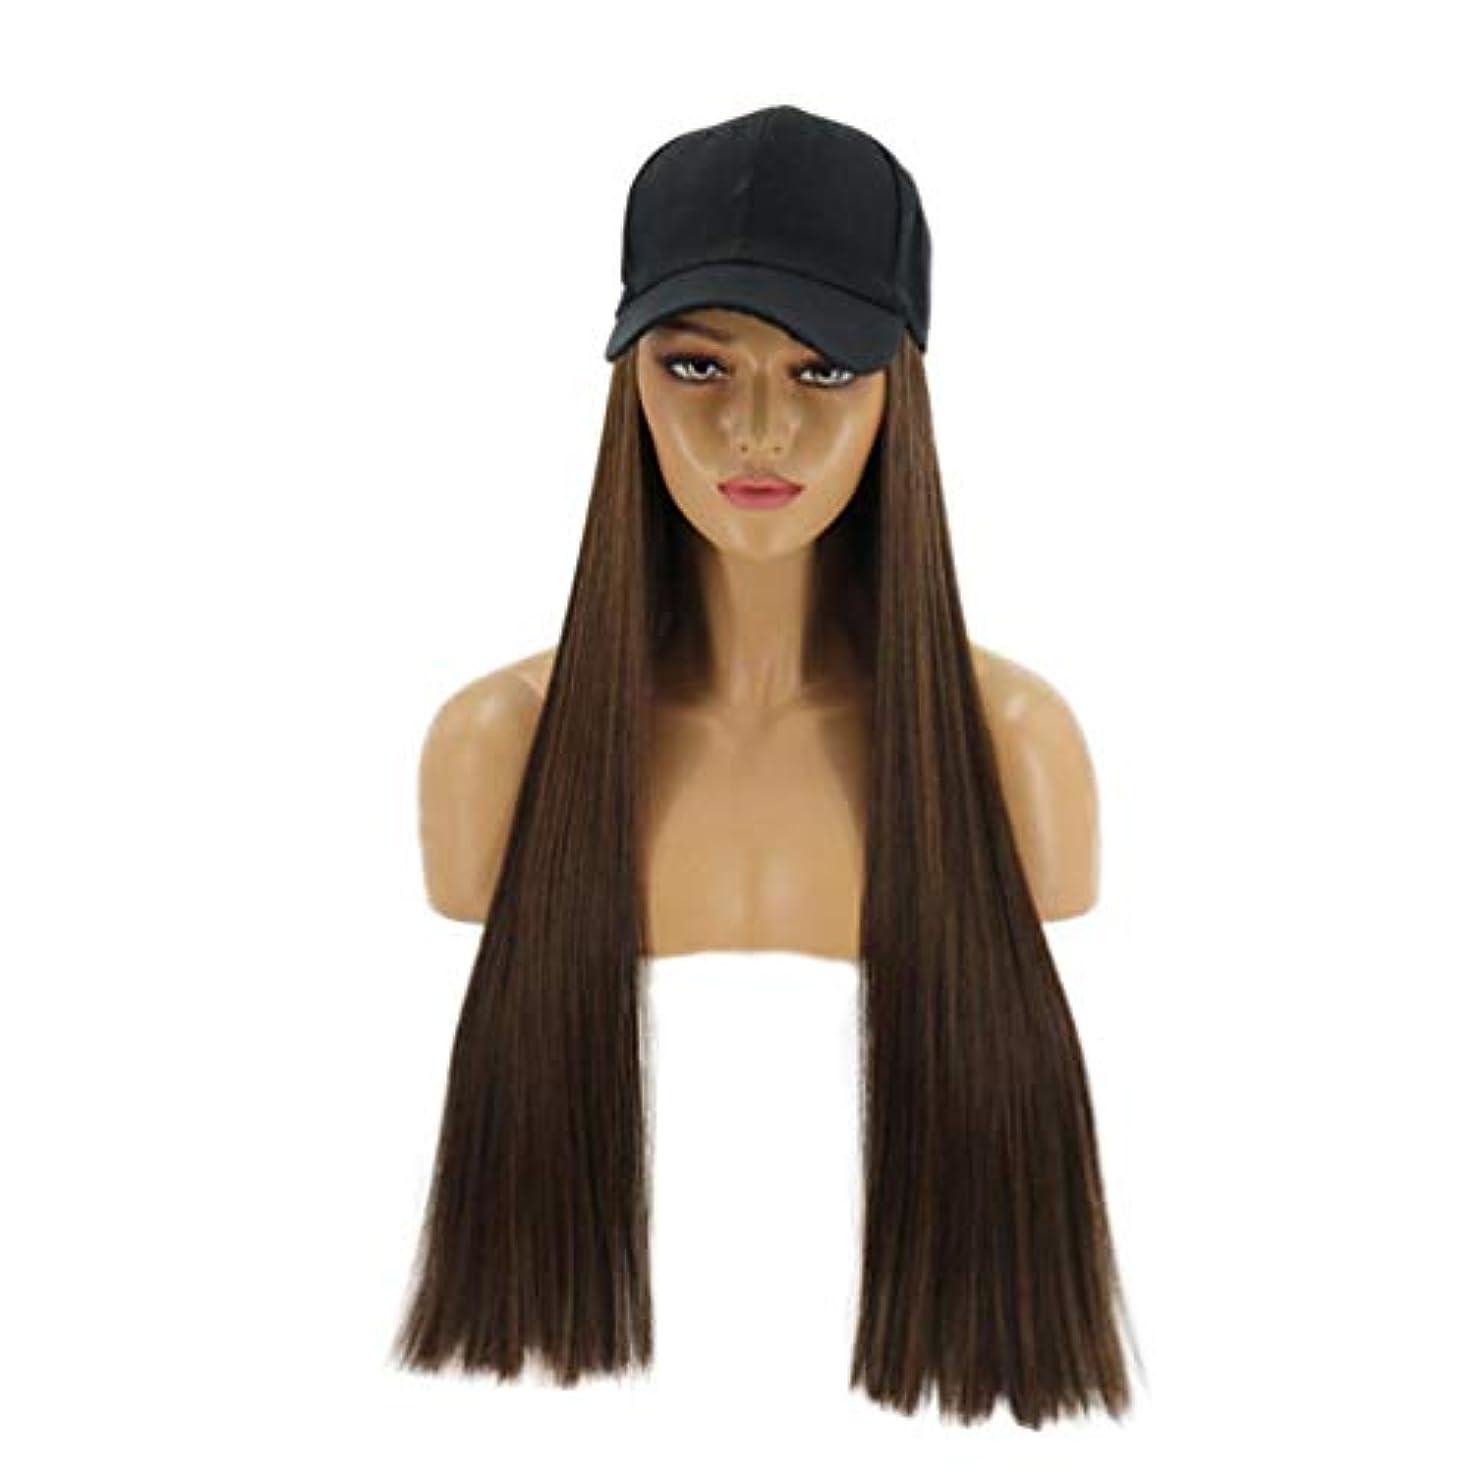 理解する革命小屋女性ストレートウィッグ合成ロングウィッグ野球帽合成ヘアエクステンションロングヘアウィッグ帽子付き野球帽